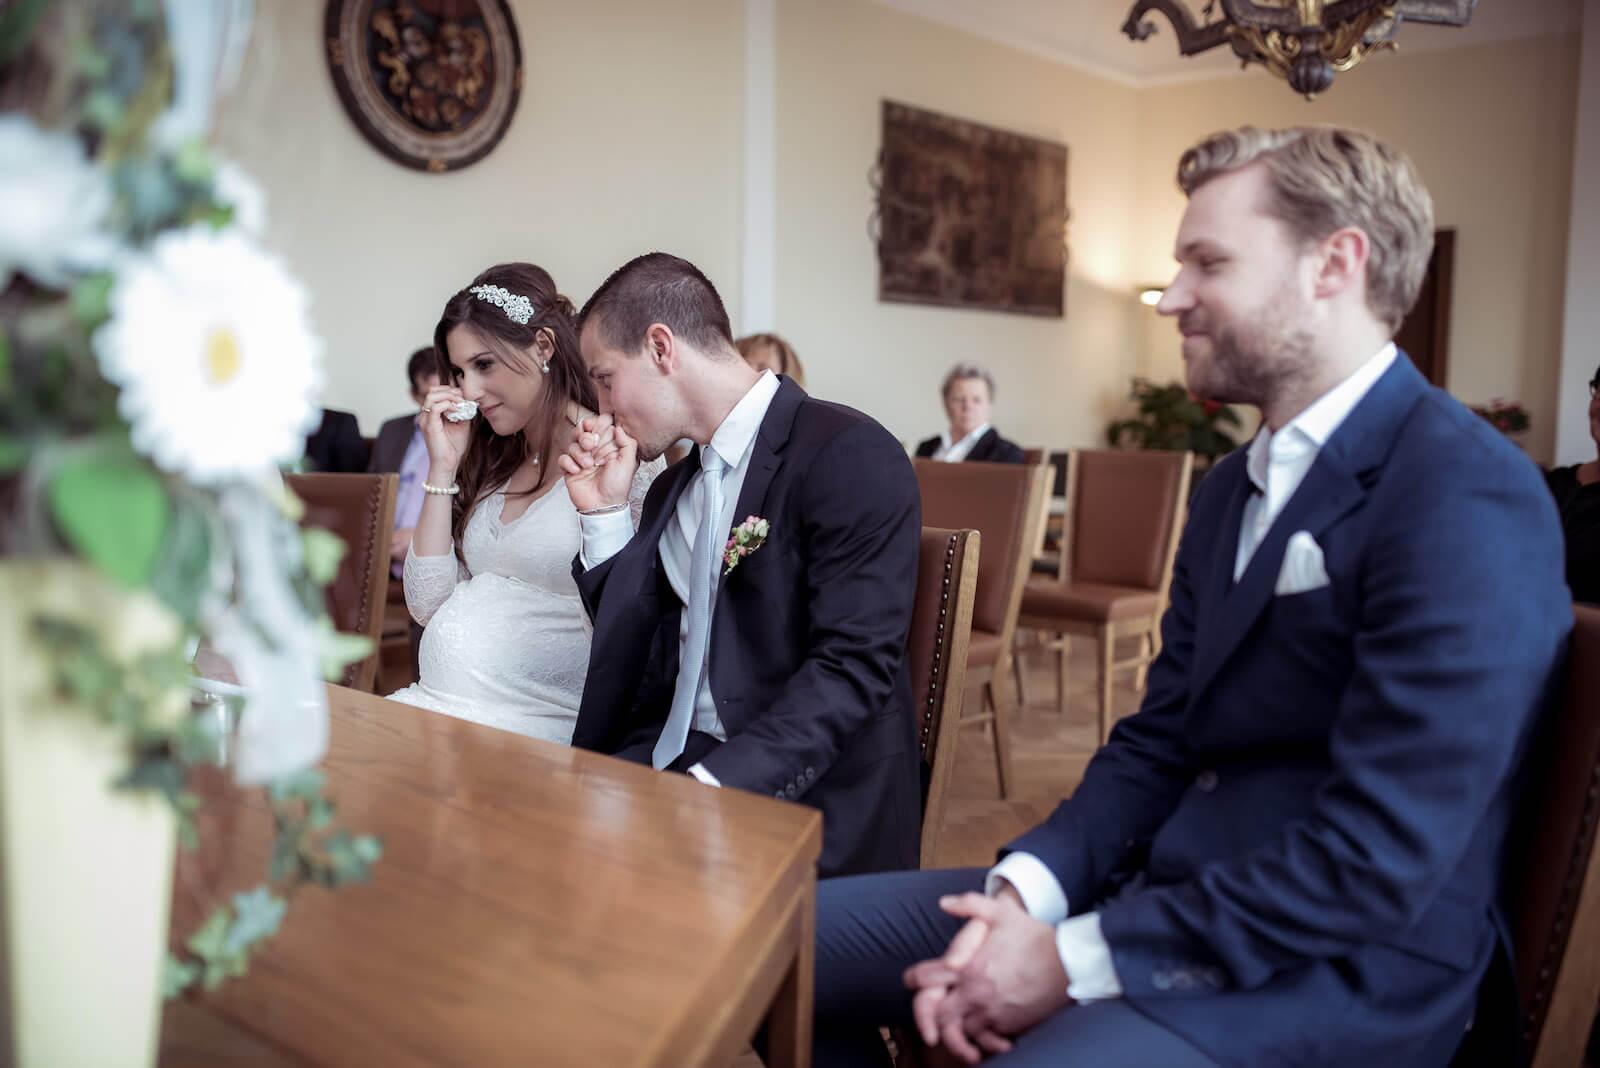 Hochzeit mit Babybauch - Braut im Standesamt wischt sich Träne aus dem Auge